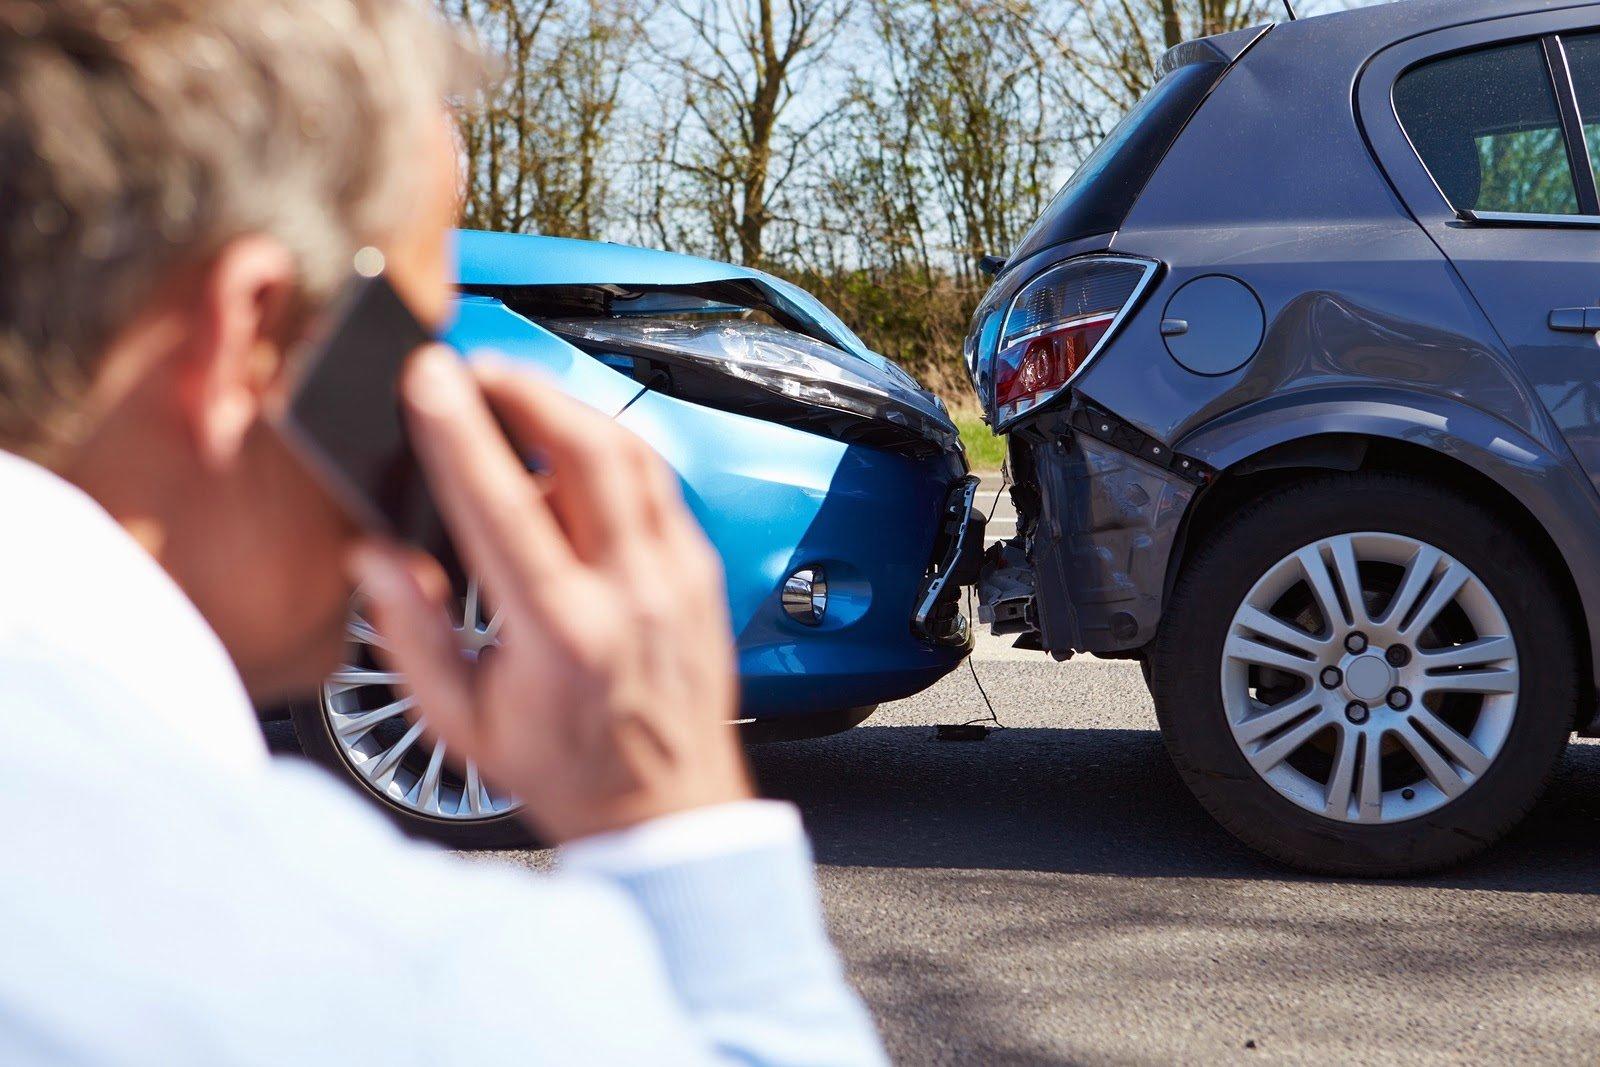 Tai nạn xe ô tô, bảo hiểm chi trả như thế nào khách hàng?